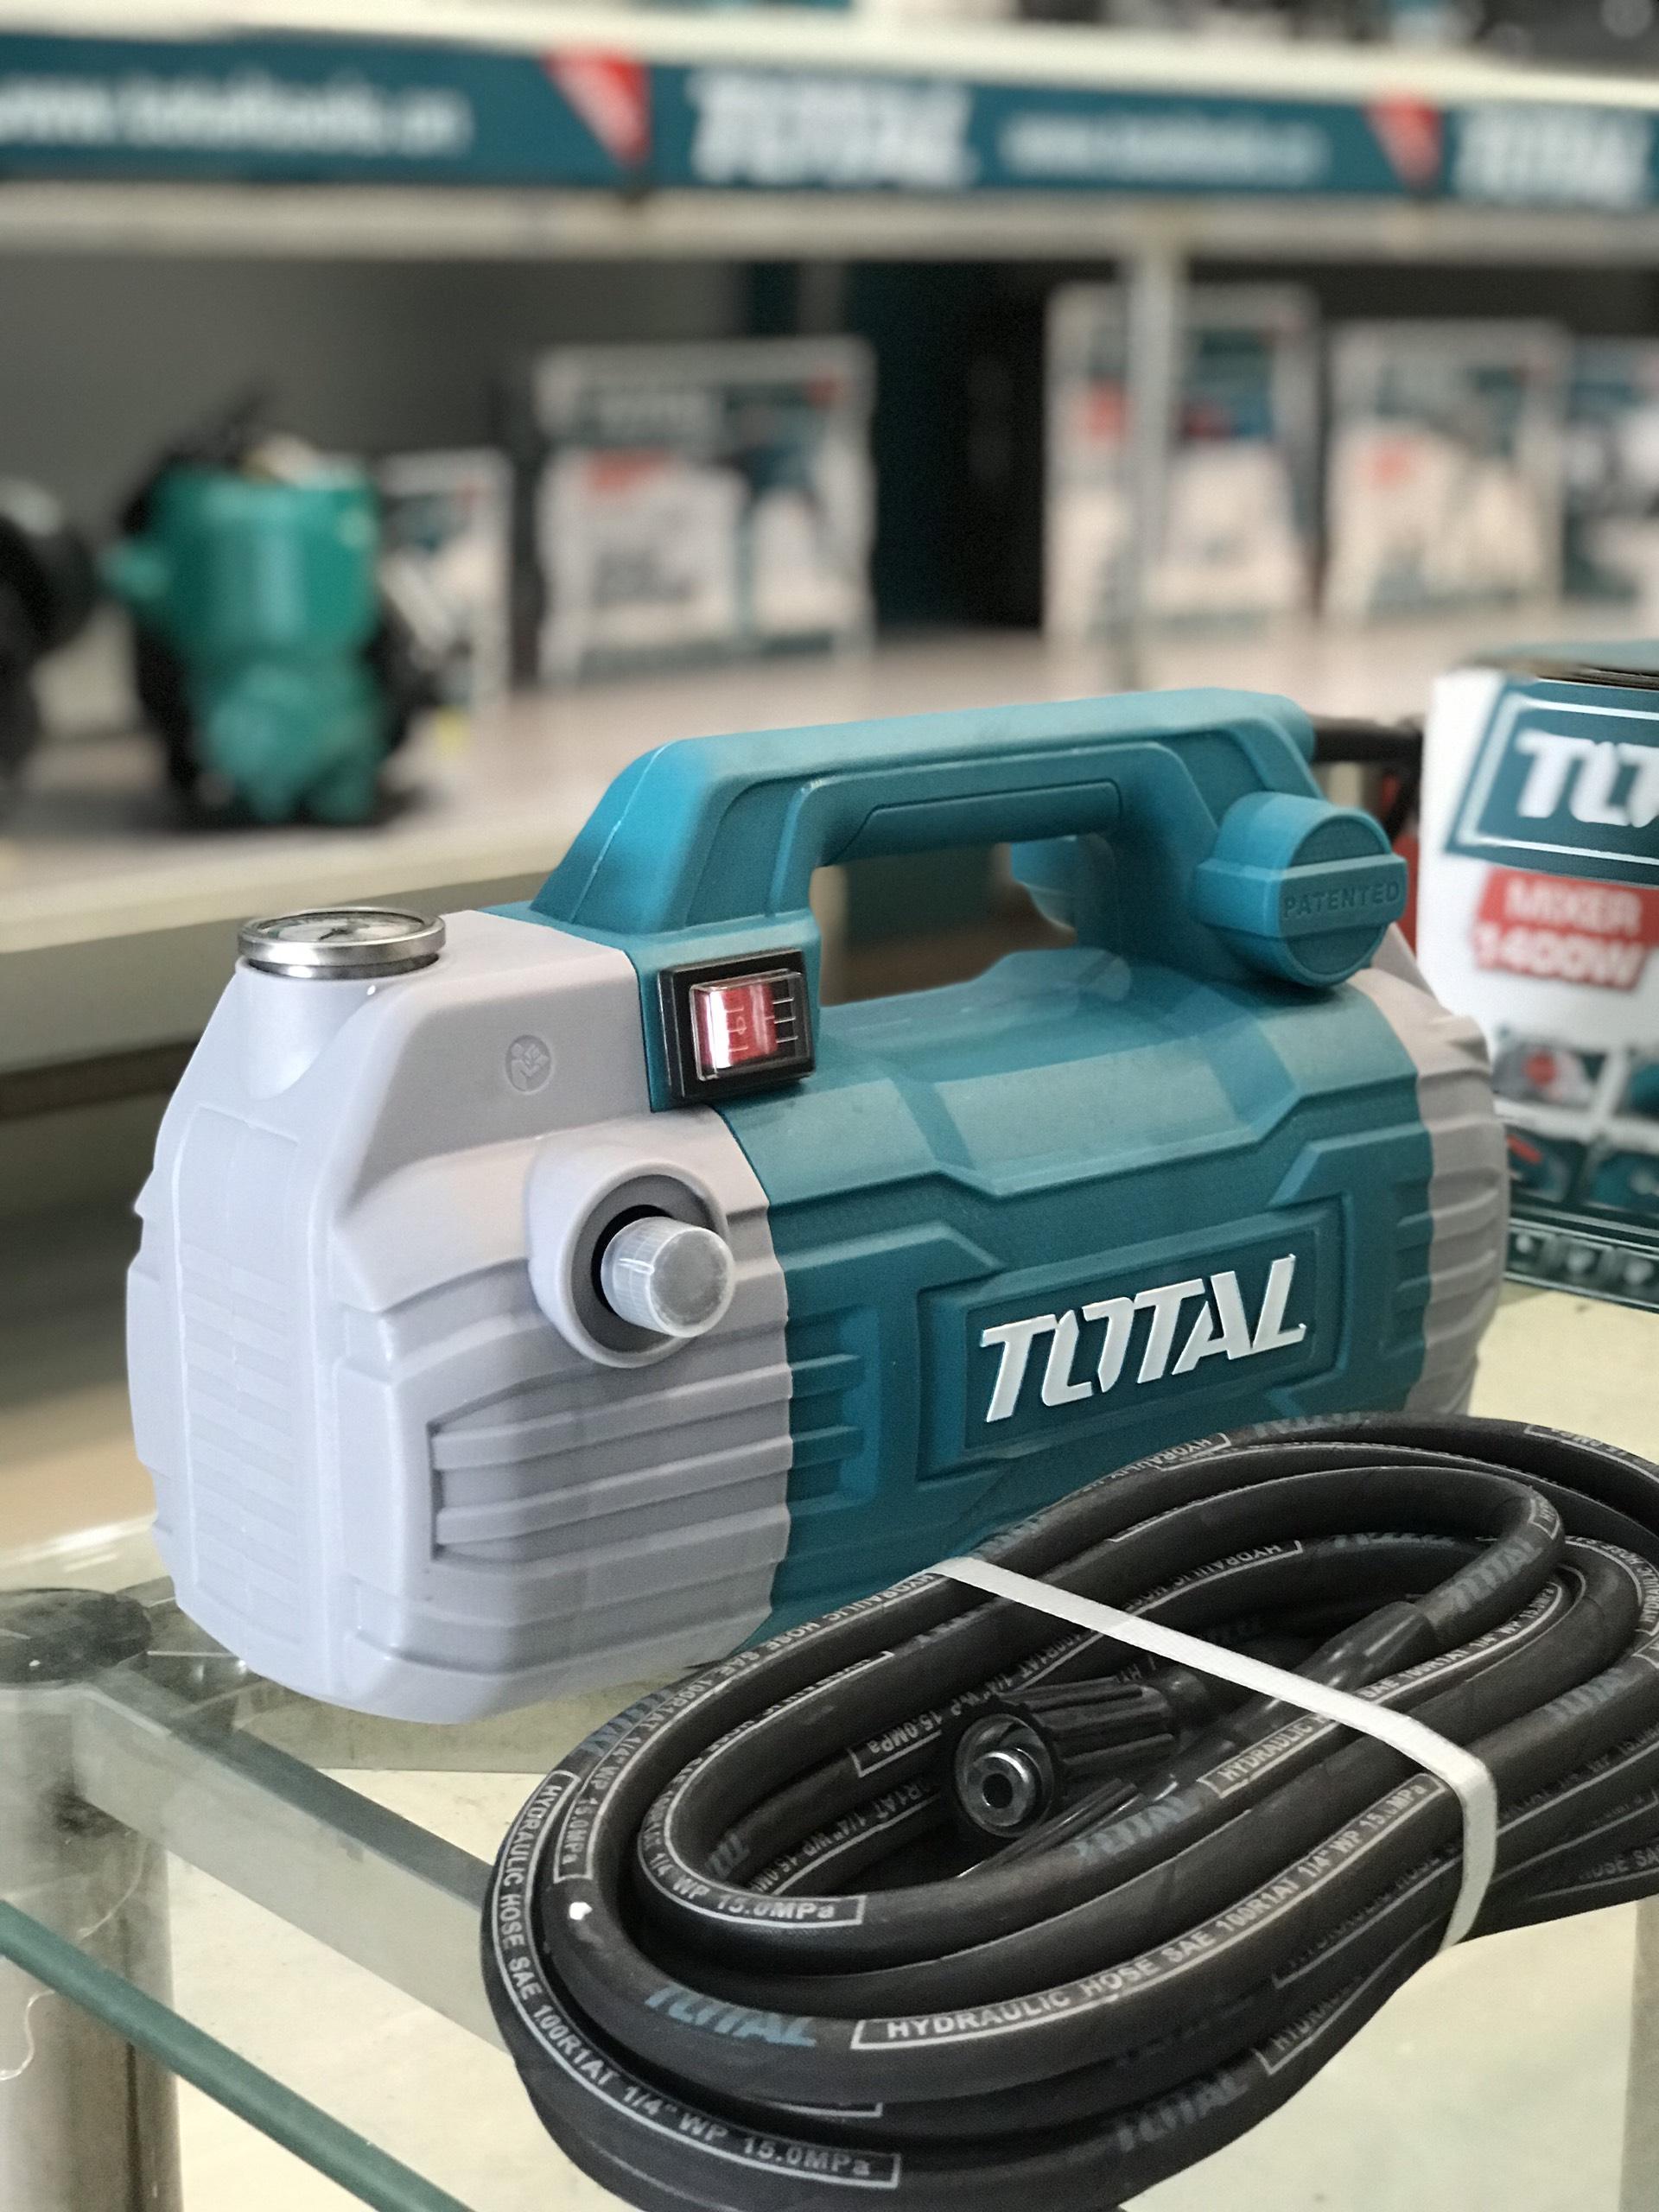 Máy rửa xe total chính hãng - Sản phẩm bảo hành 6T - Rửa xe quảng bình